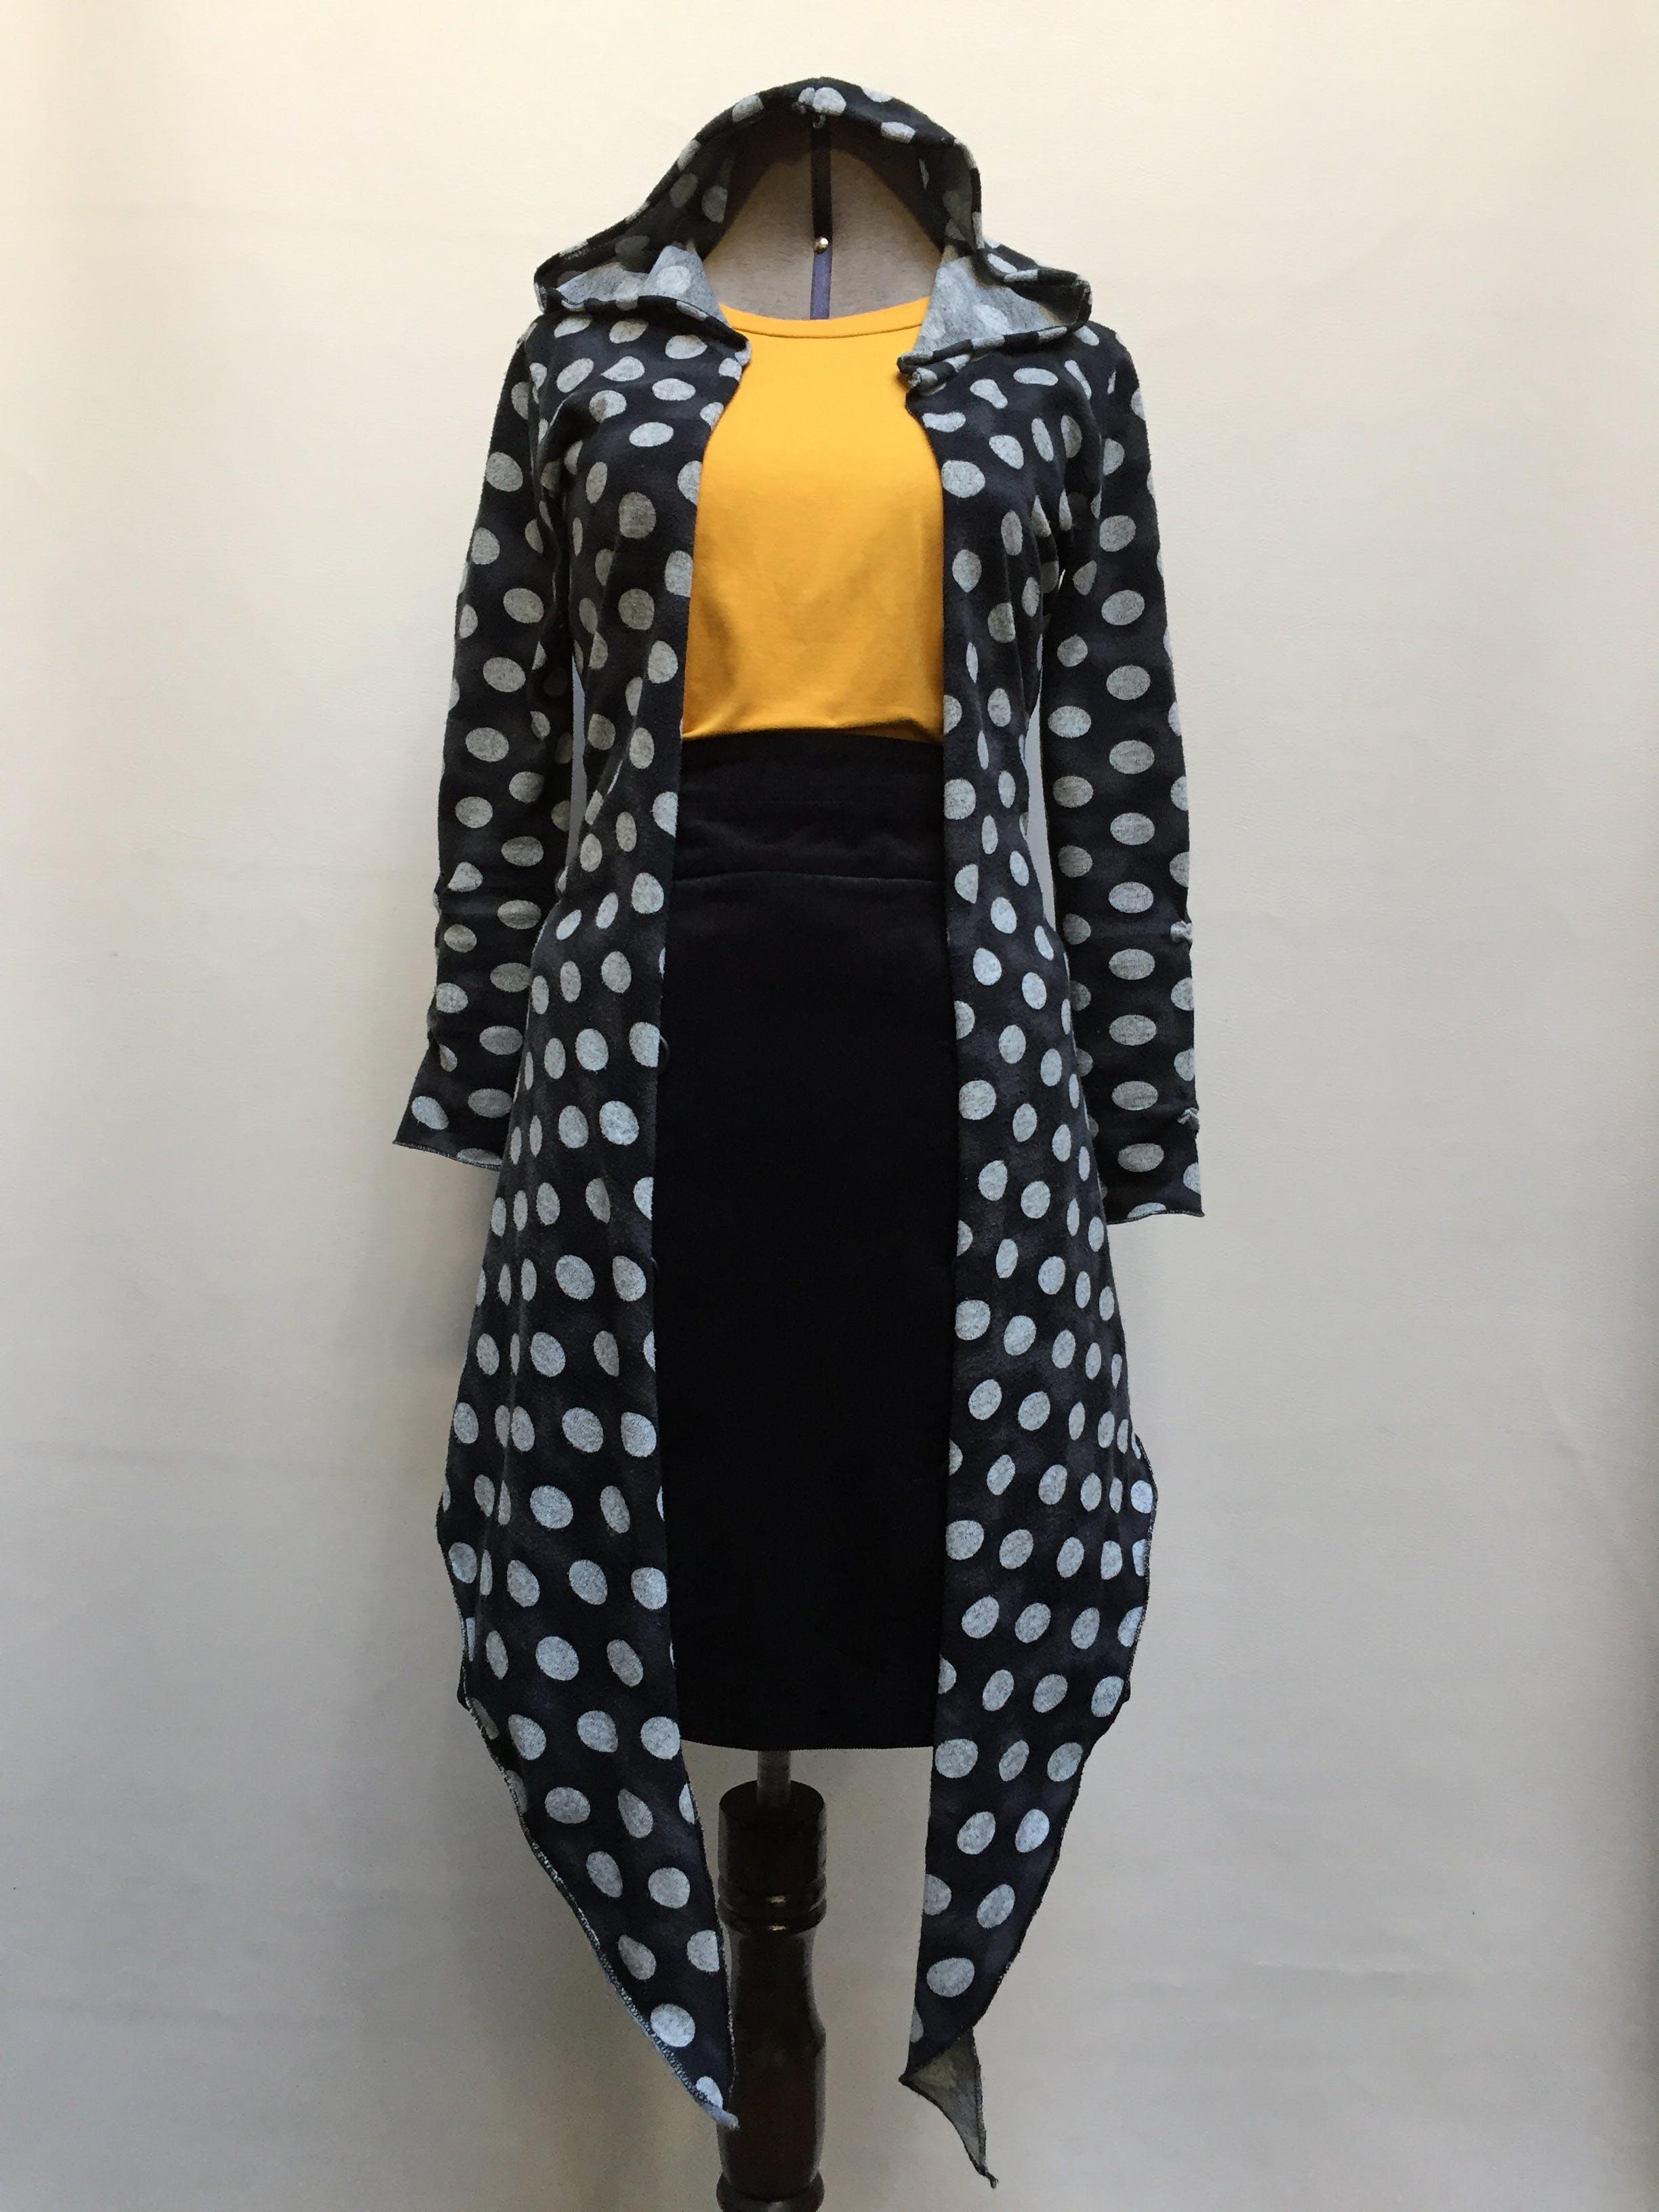 Cardigan gris con polka-dots blancos, capucha, basta delantera en punta  Talla S